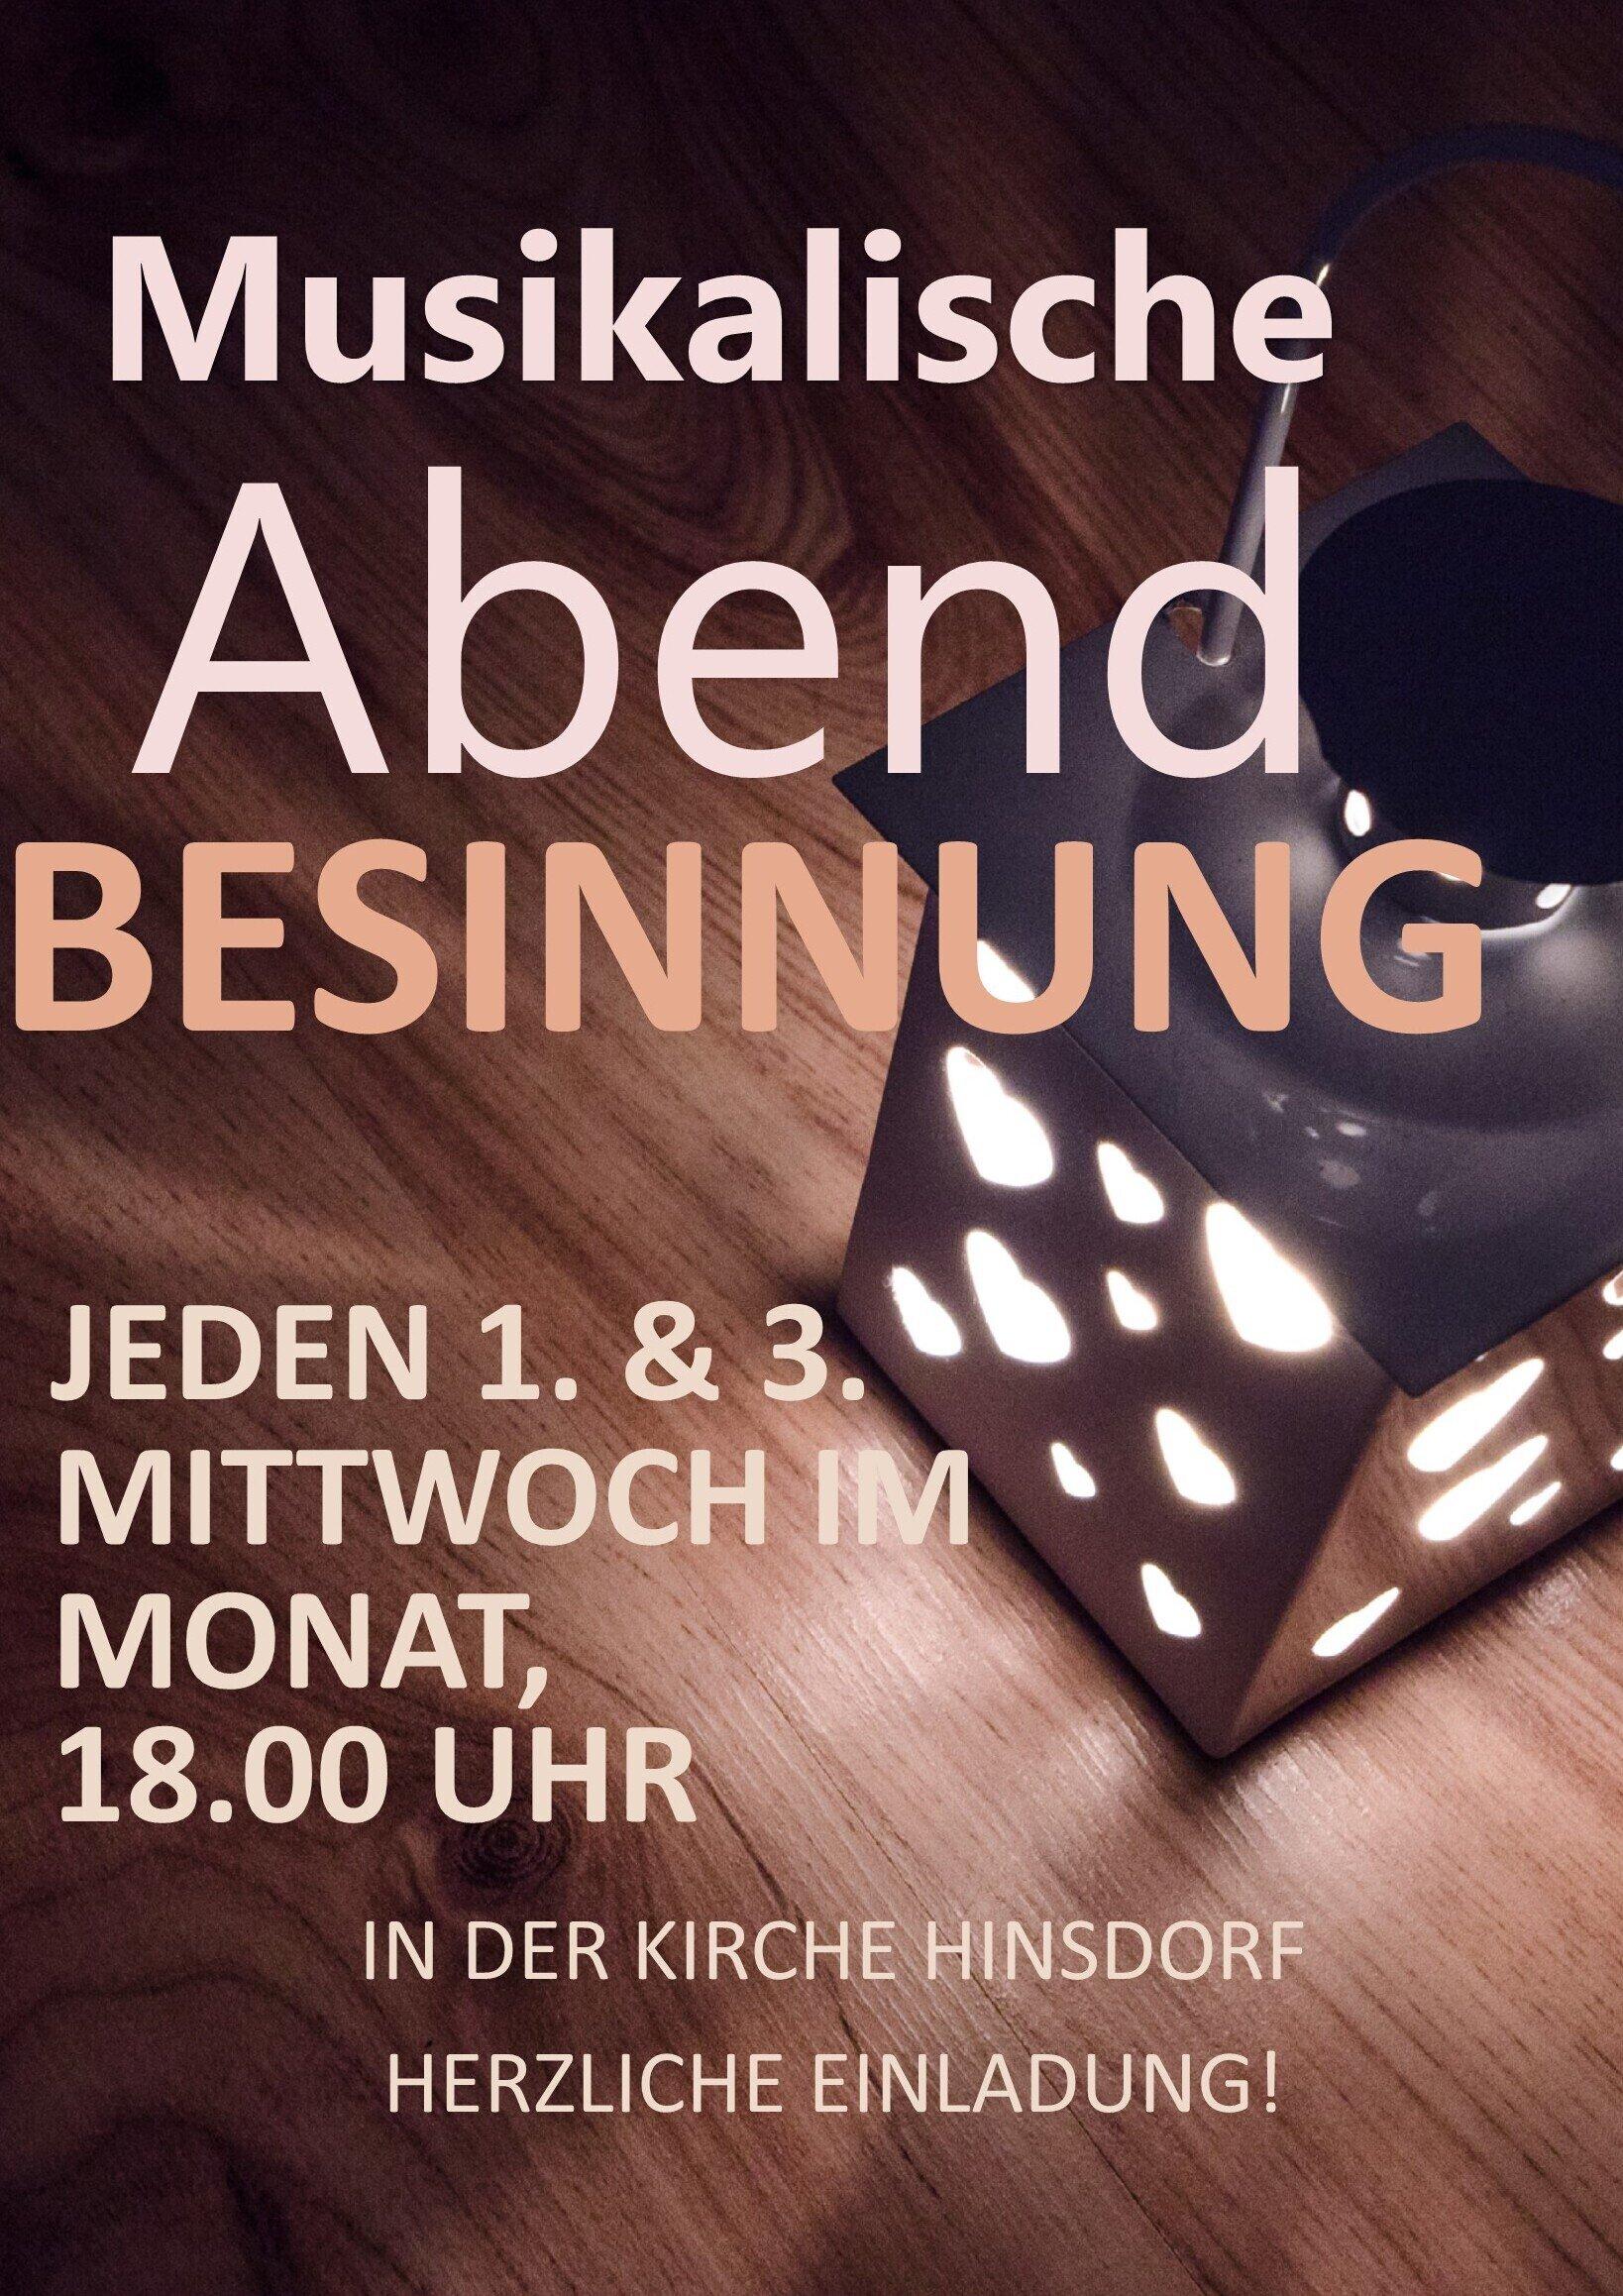 Musikalische Abendbesinnung Hinsdorf